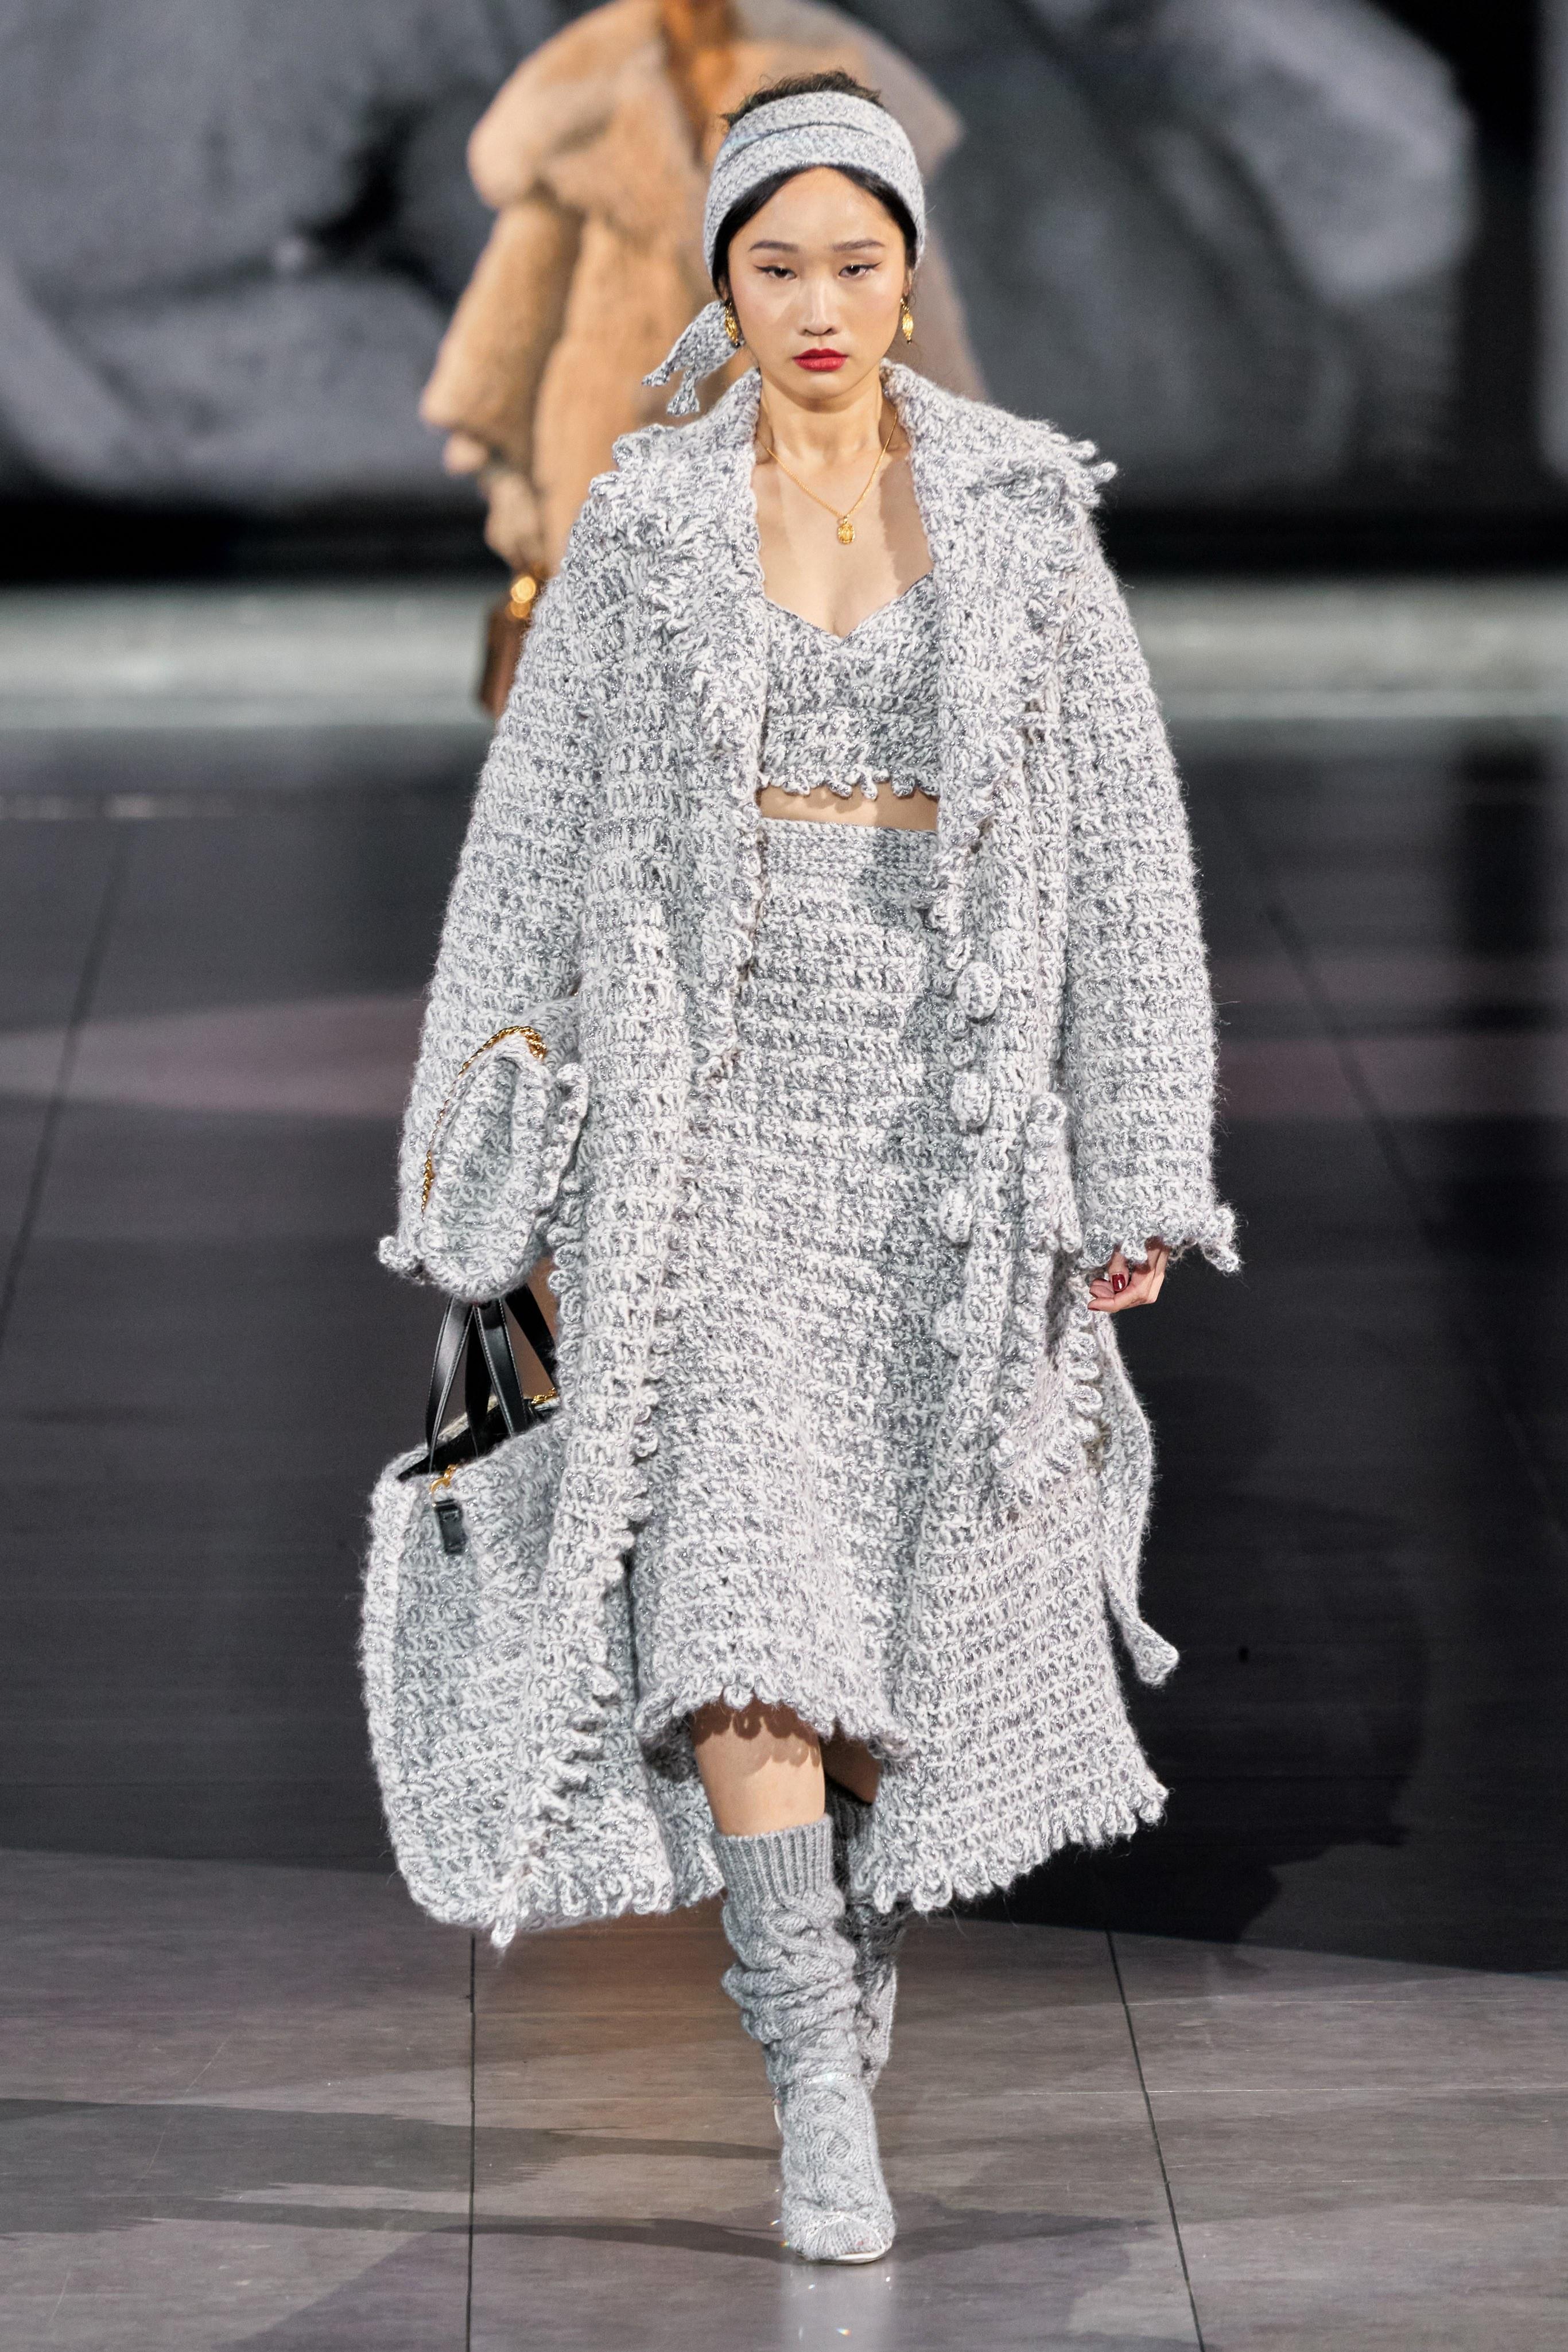 Thiết kế chất liệu tweed sang trọng từ BST Thu - Đông 2020 của Dolce&Gabbana